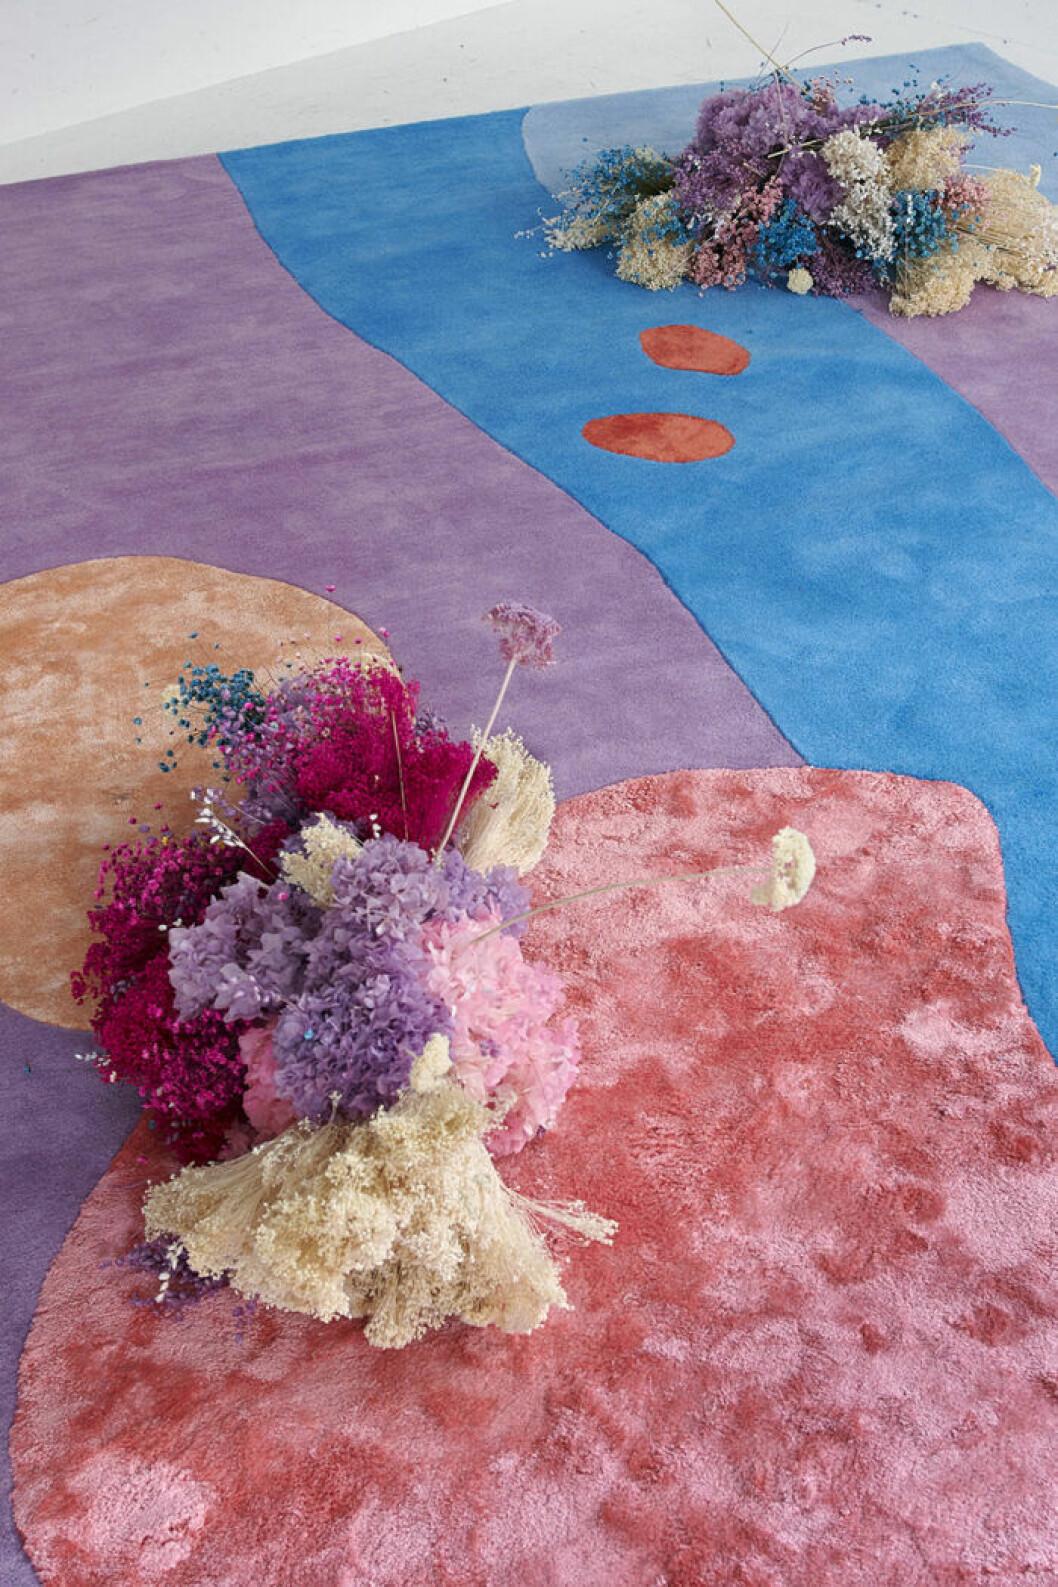 Floristen Poppykalasmatta för Layered